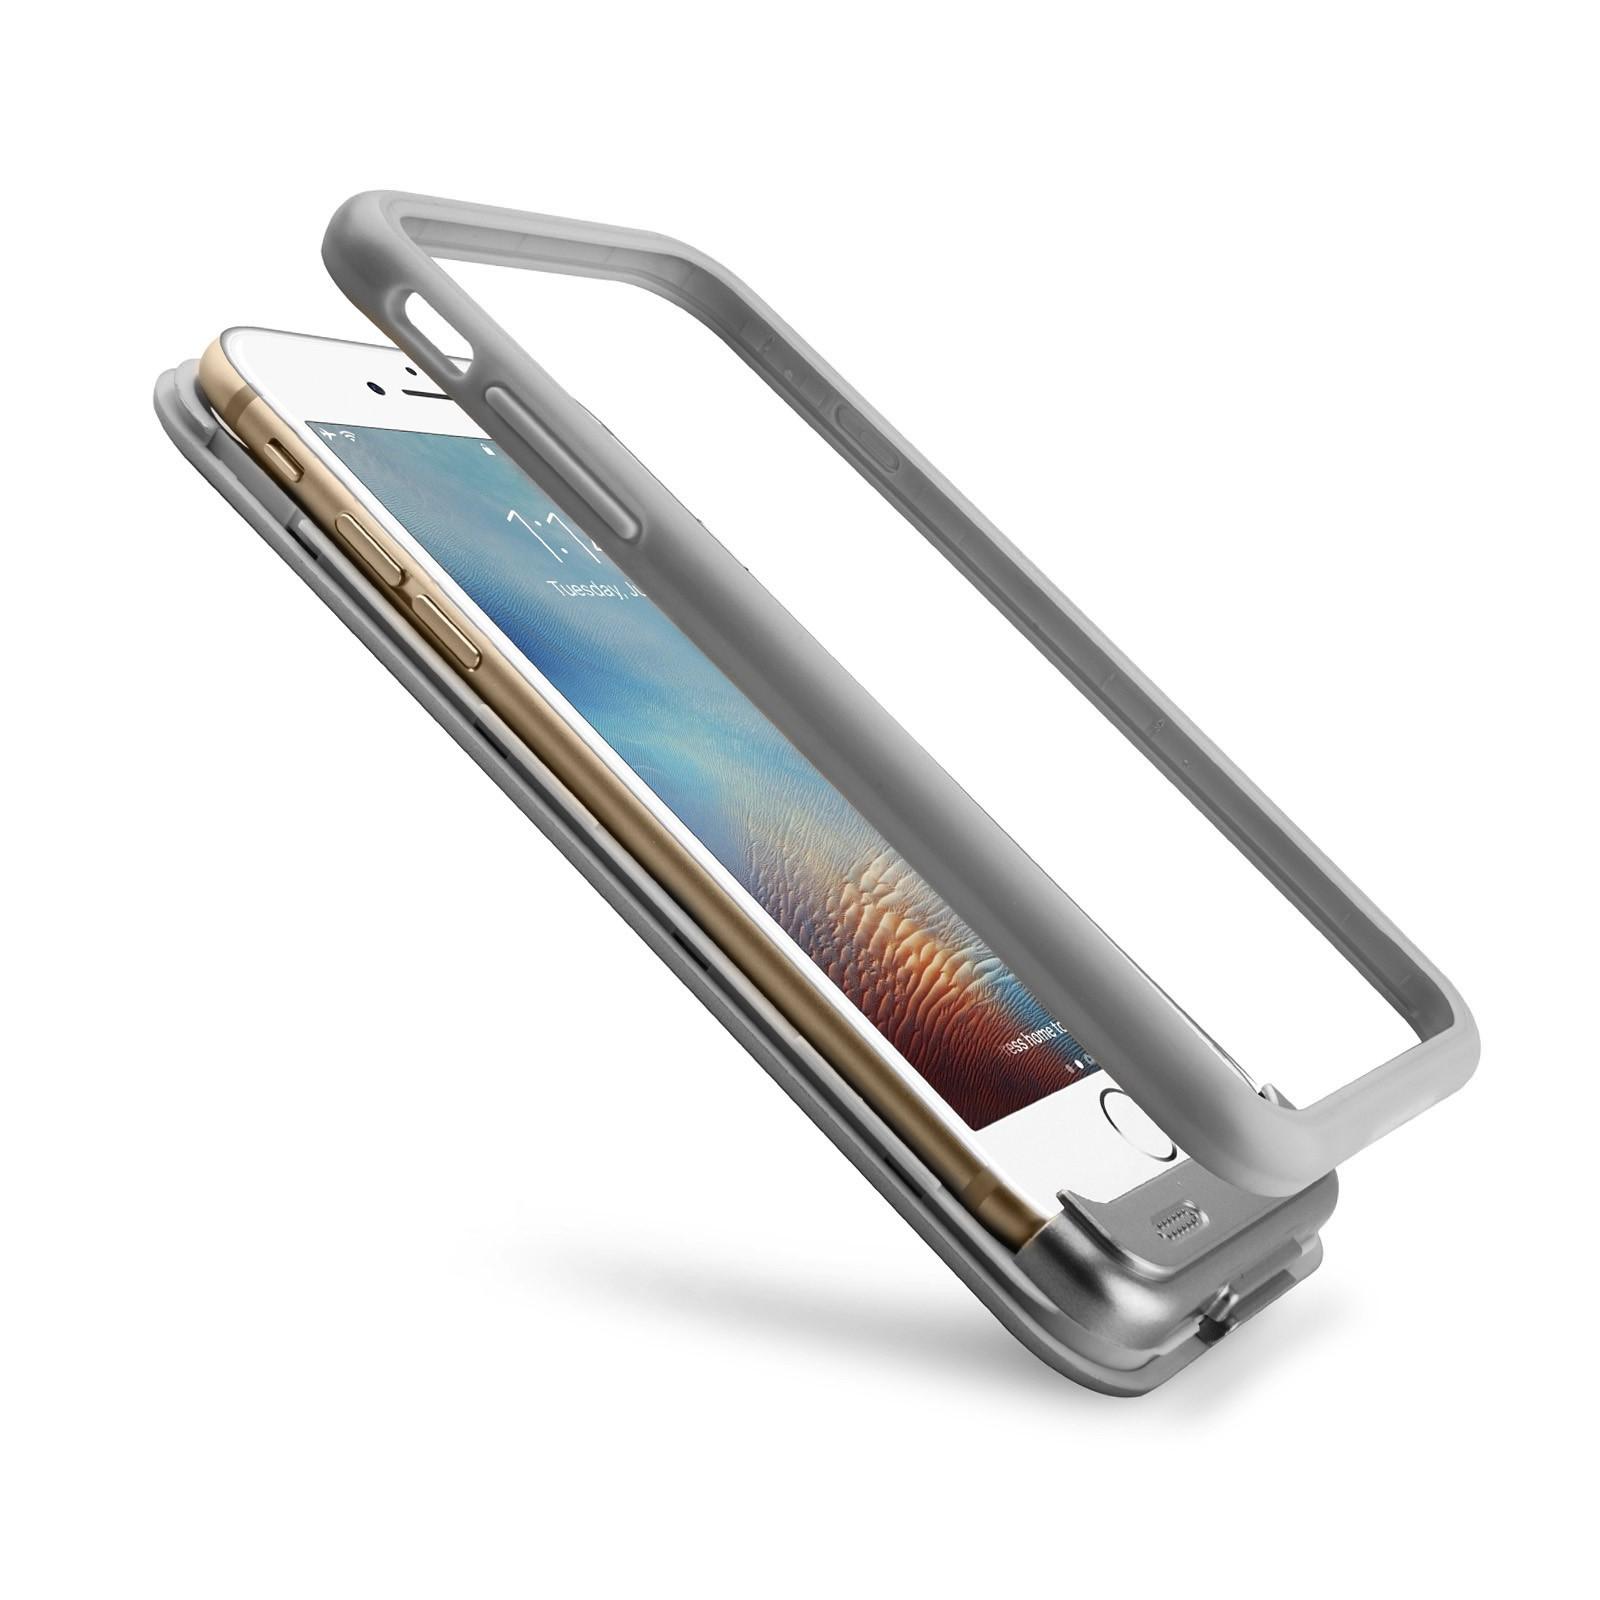 инструкция пользования batery saver iphone